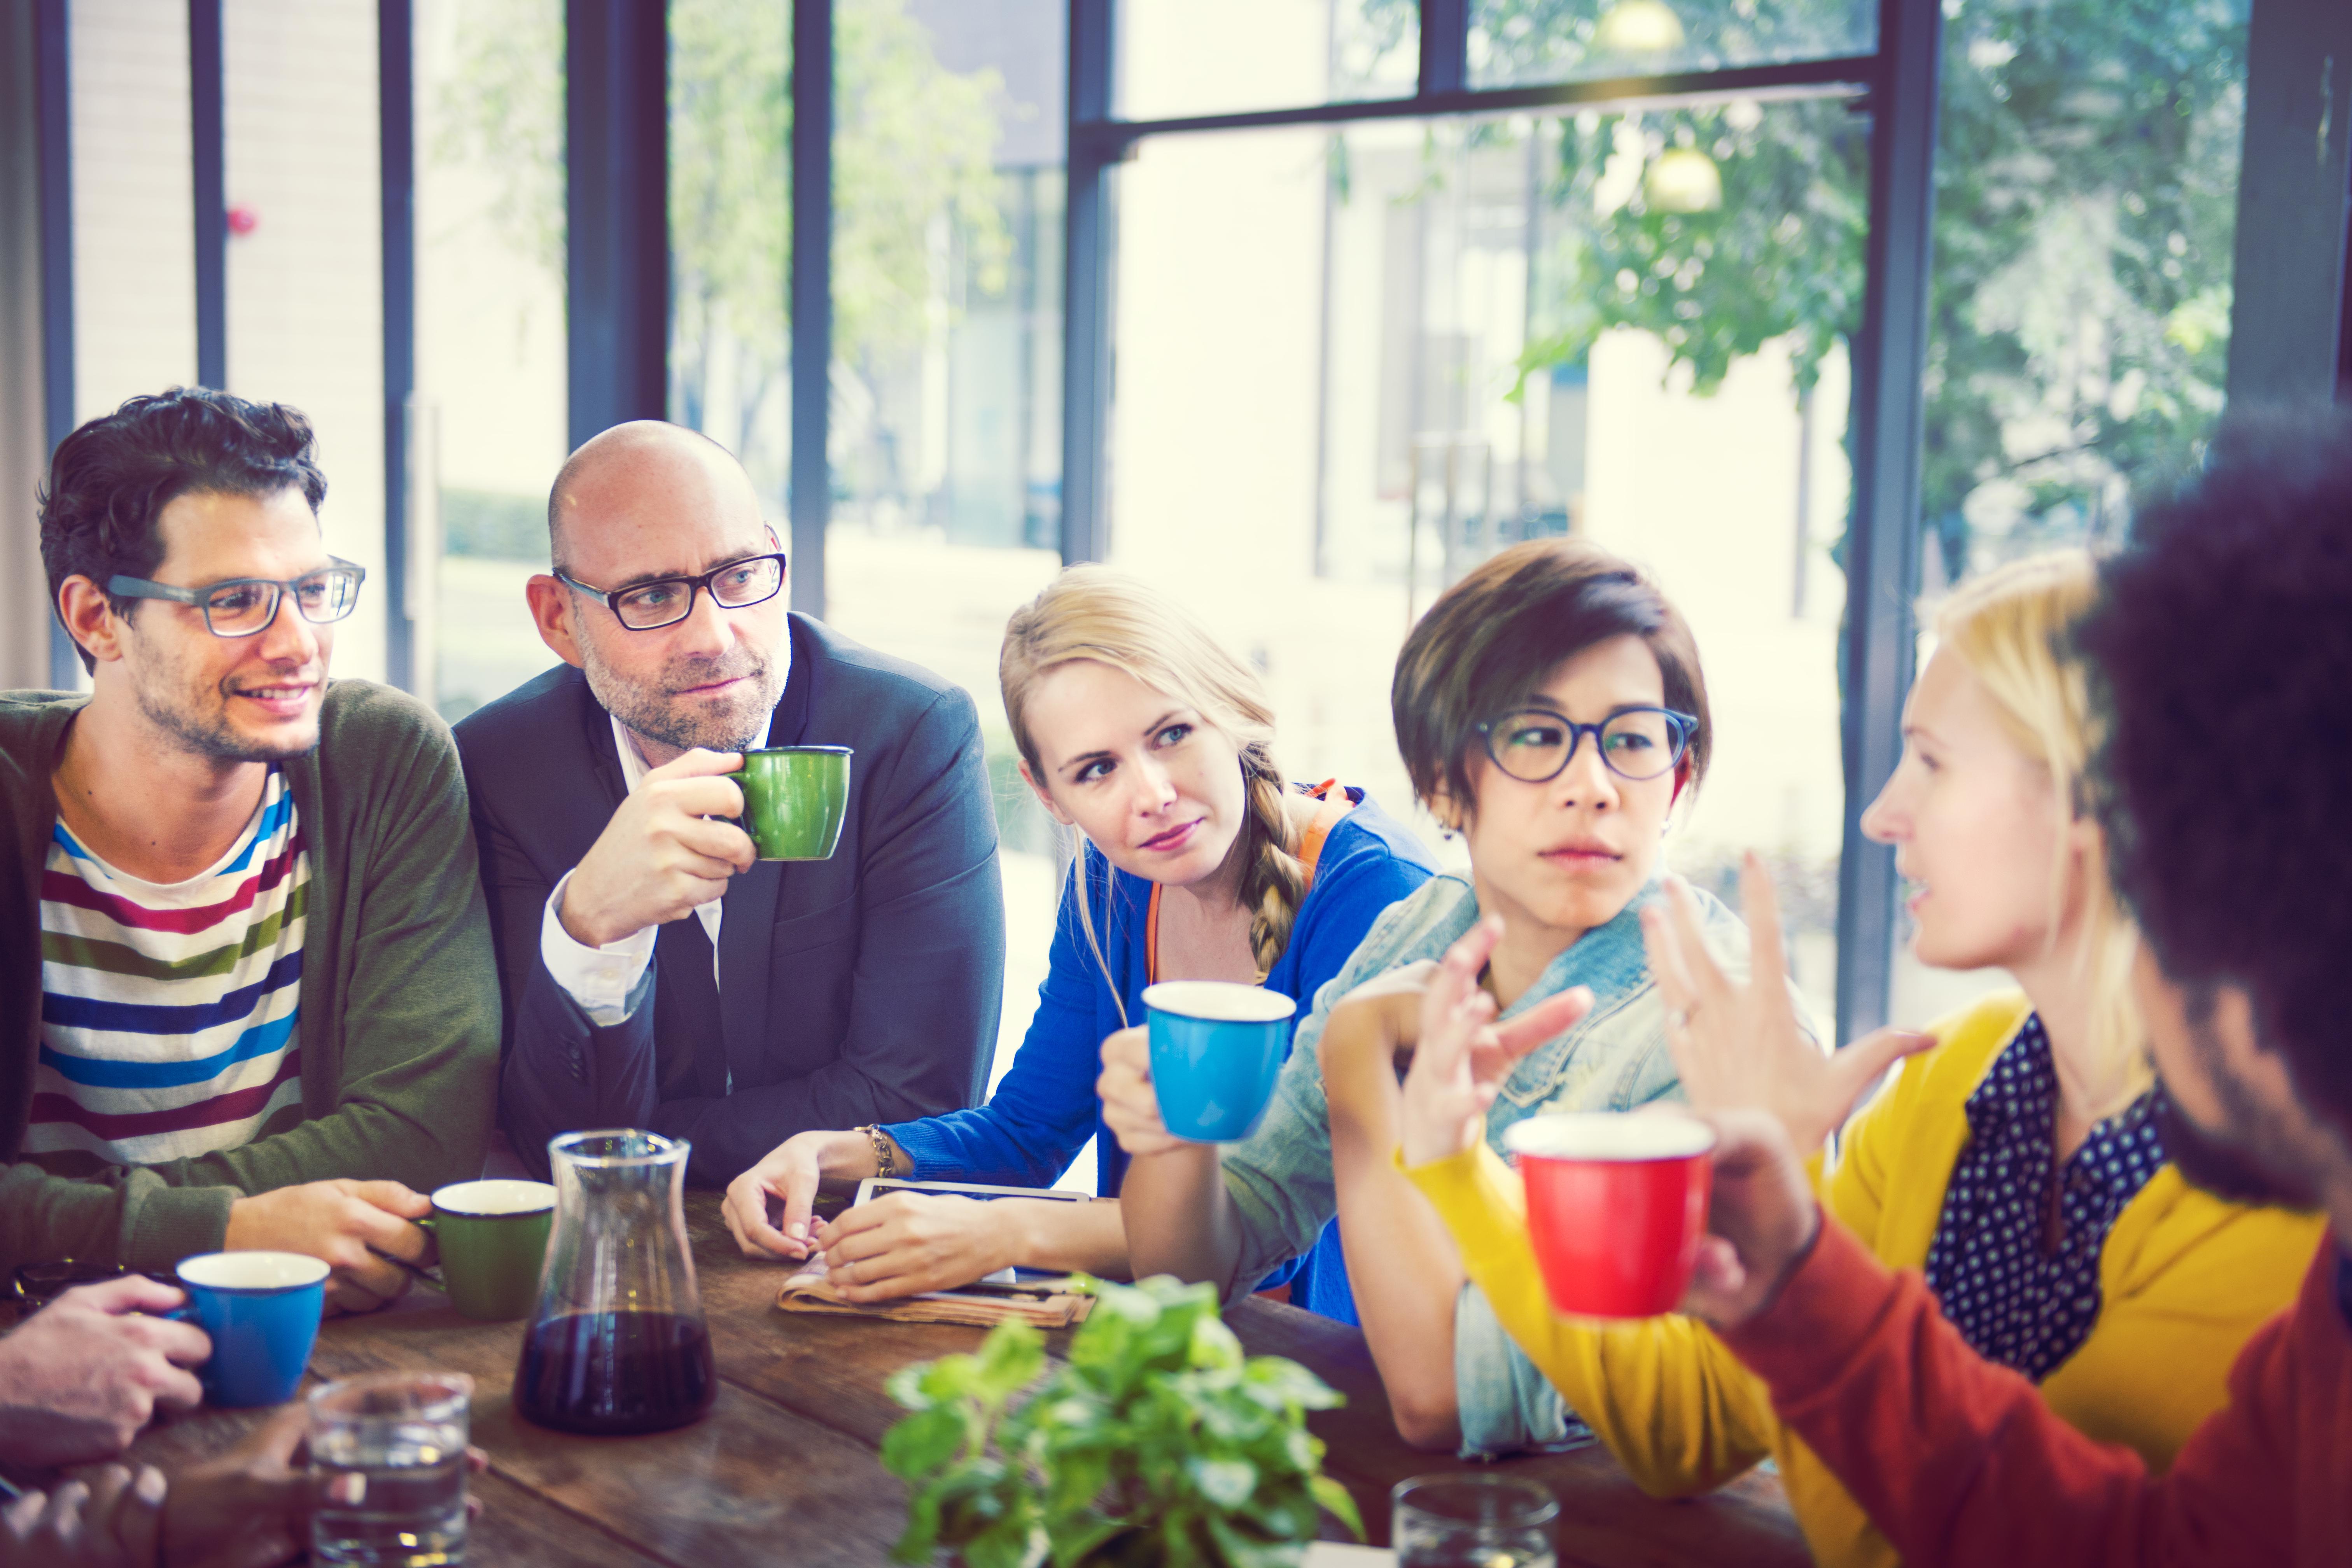 Risken att drabbas av ohälsa på grund av bristen på sociala kontakter är större hos yngre personer menar forskarna bakom studien.